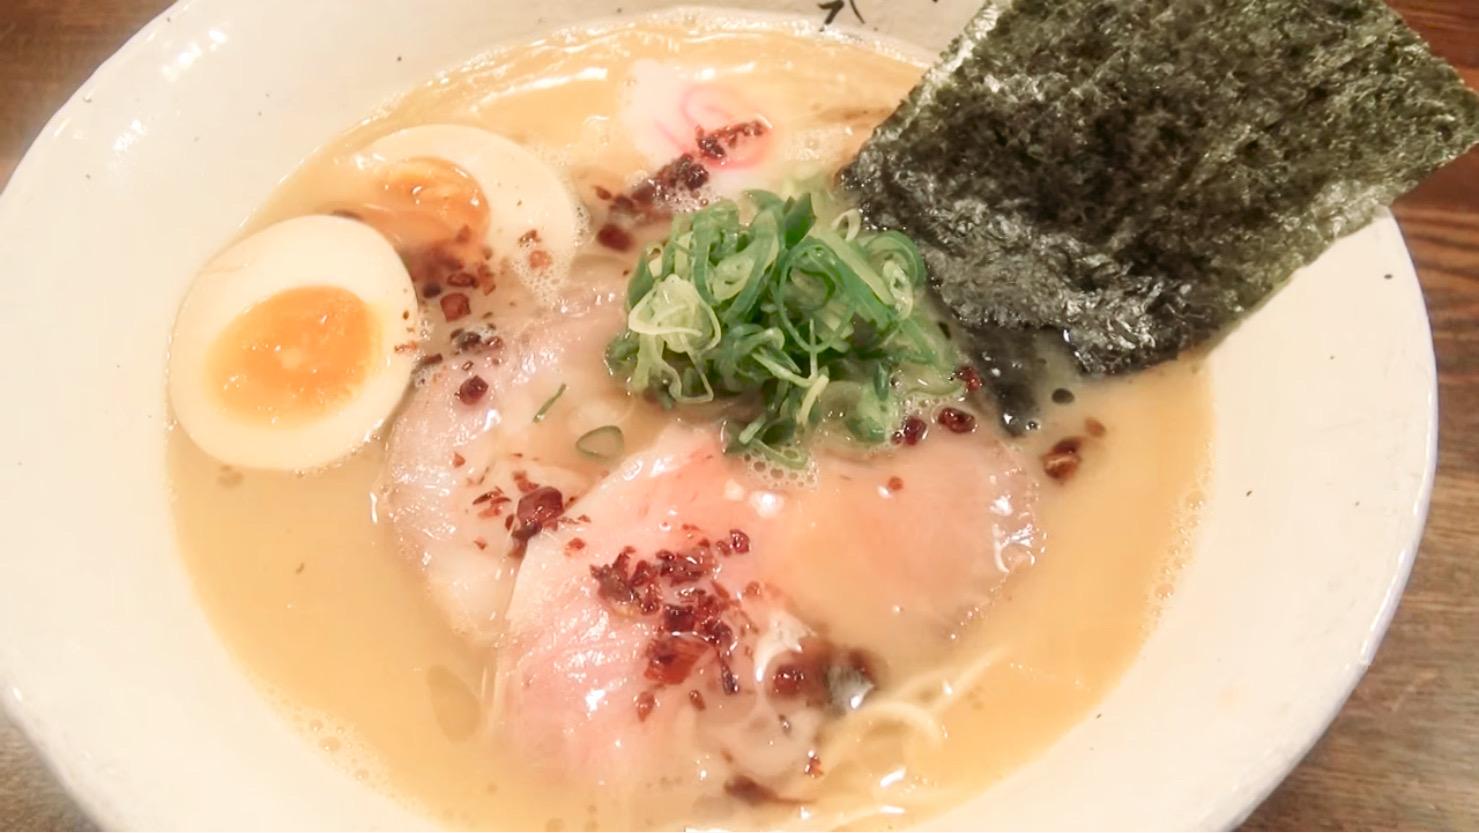 【麺屋 藤しろ】鶏白湯特製ラーメン (東京都品川区上大崎) 第165回